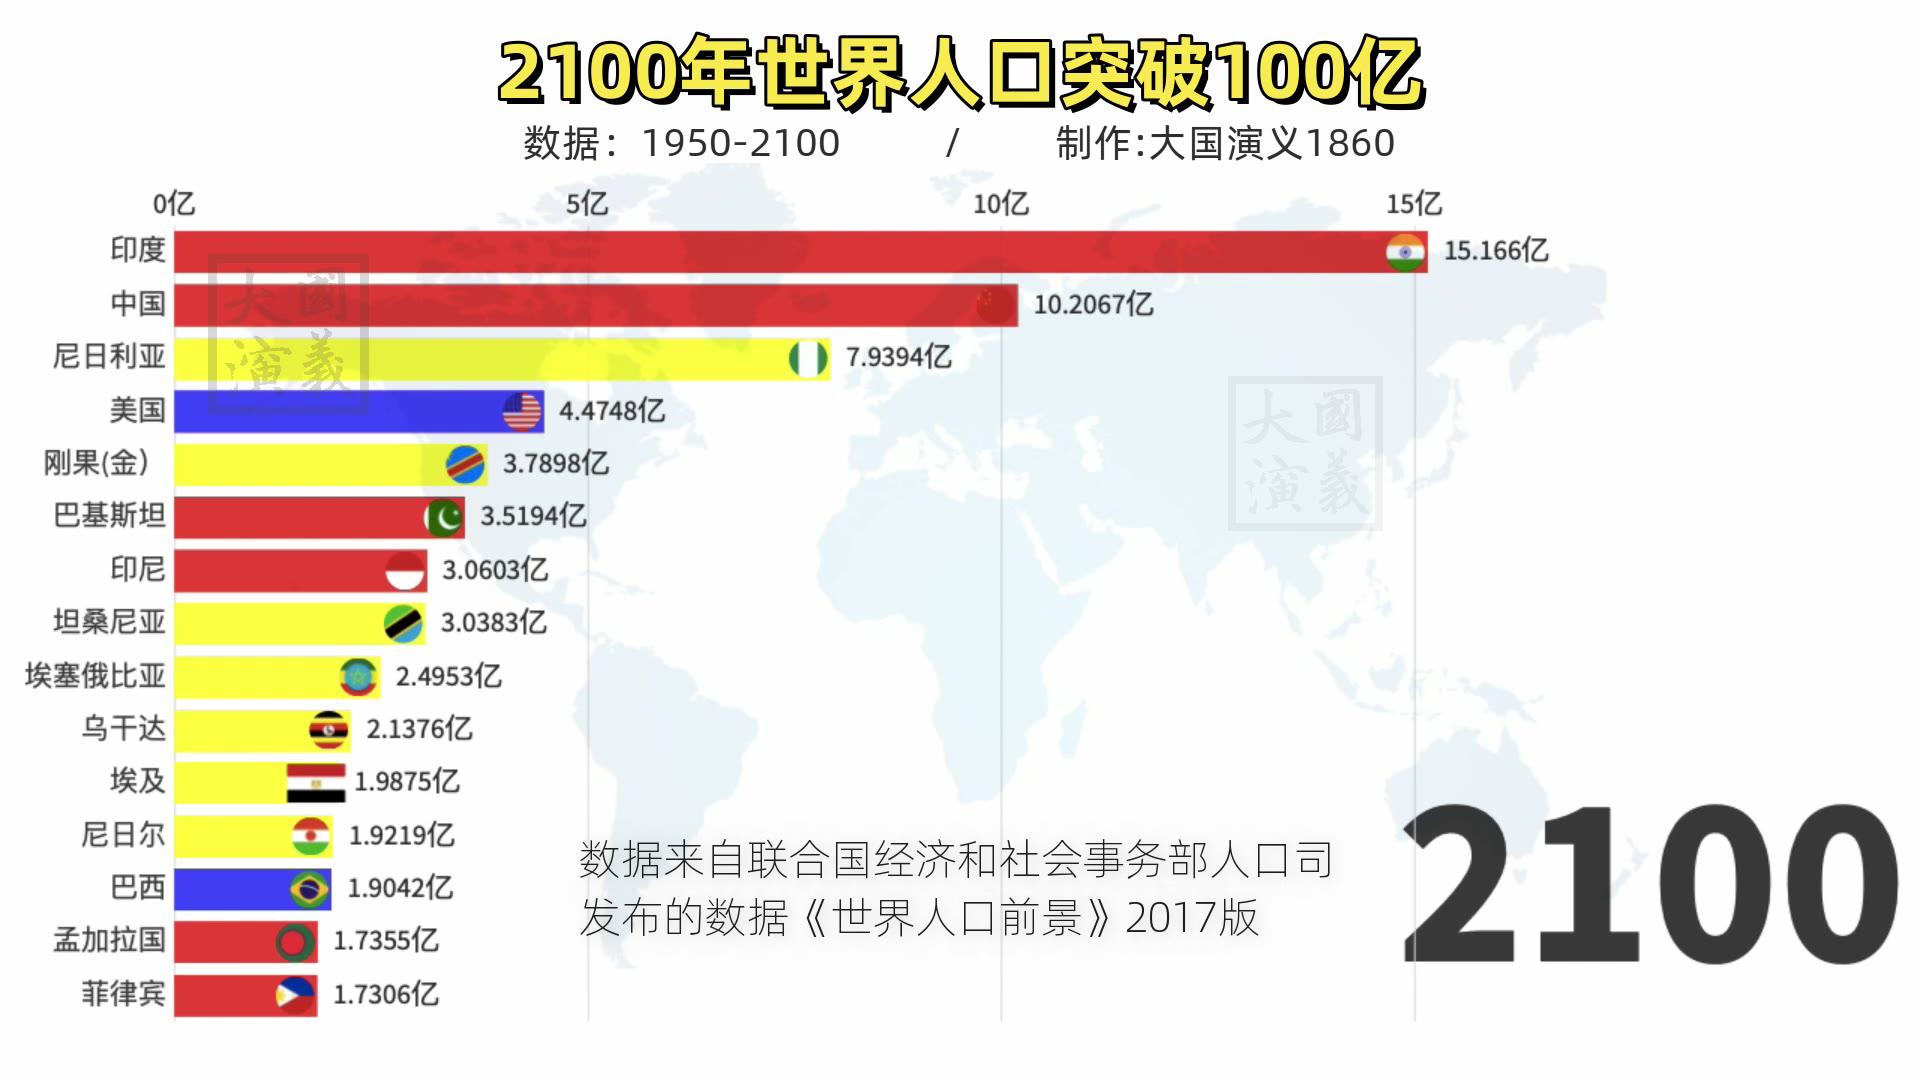 联合国发布2100年人口预测,全球格局生变!中国人口问题,忧心!